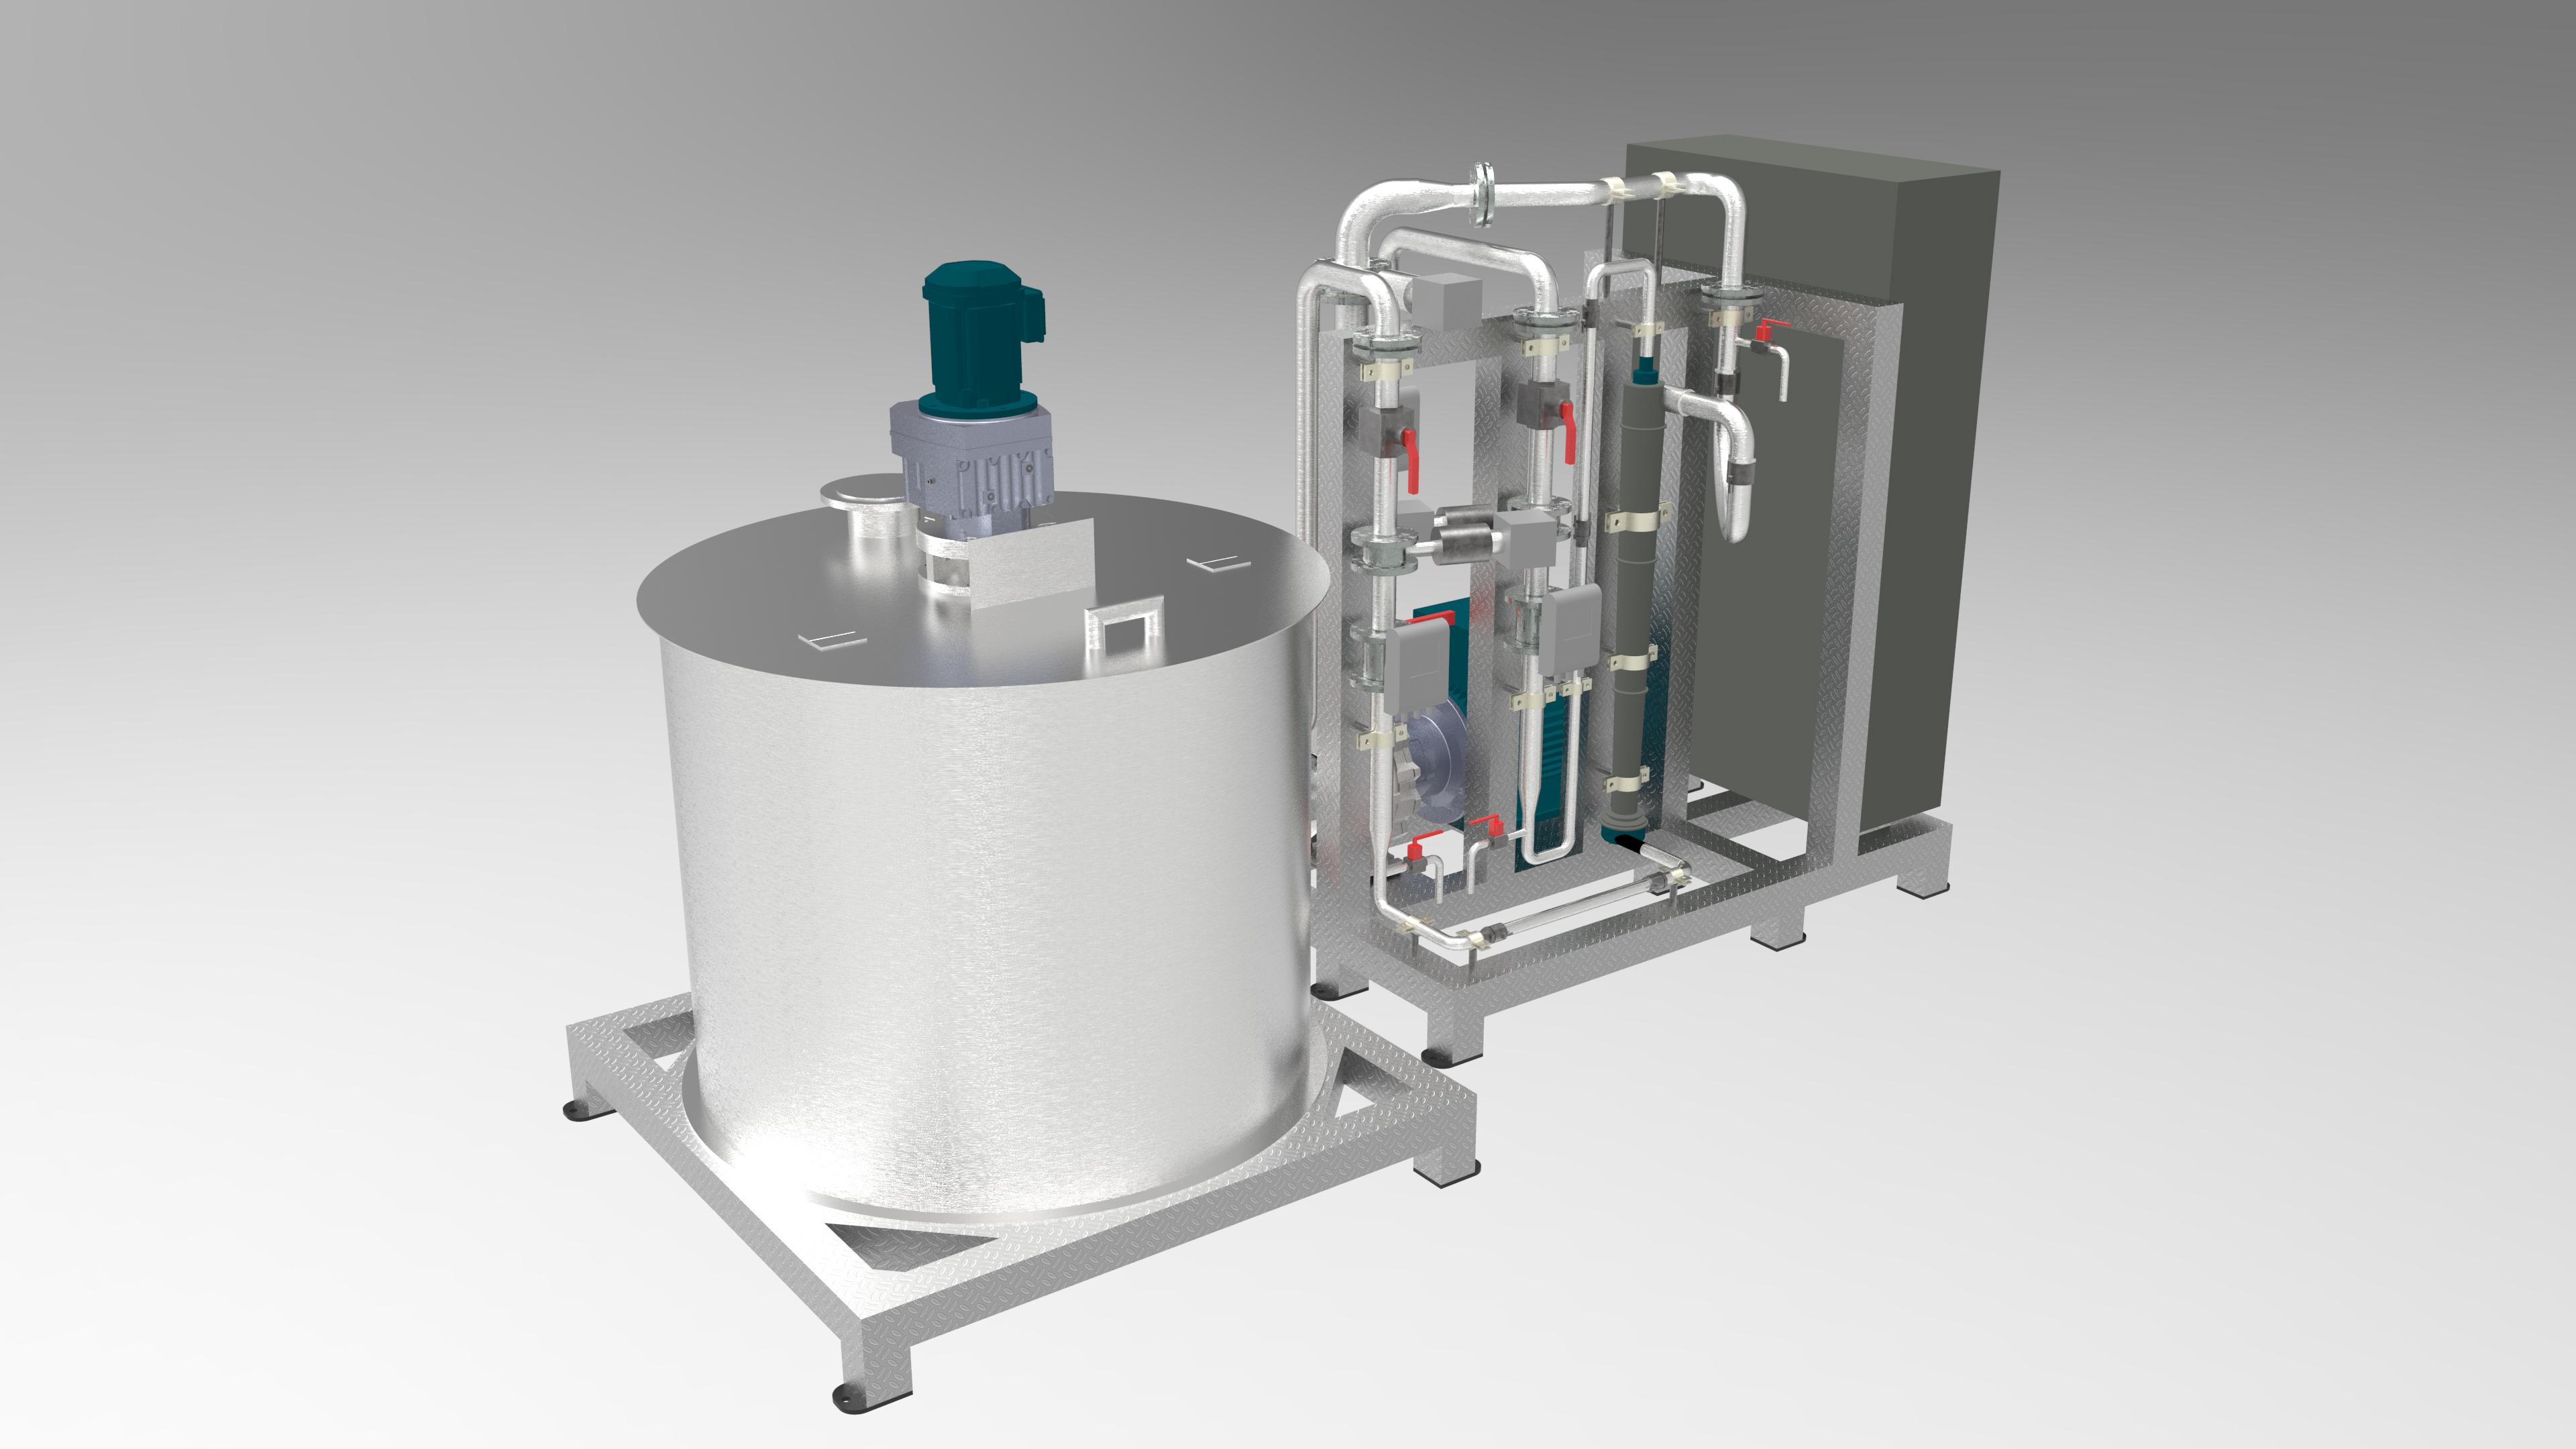 Valmet toimittaa automaatiojärjestelmän ECOFARIO GmbH:n ensimmäiseen teolliseen koelaitokseen, joka poistaa jopa 99,9 prosenttia jätevedessä olevista mikromuoveista.